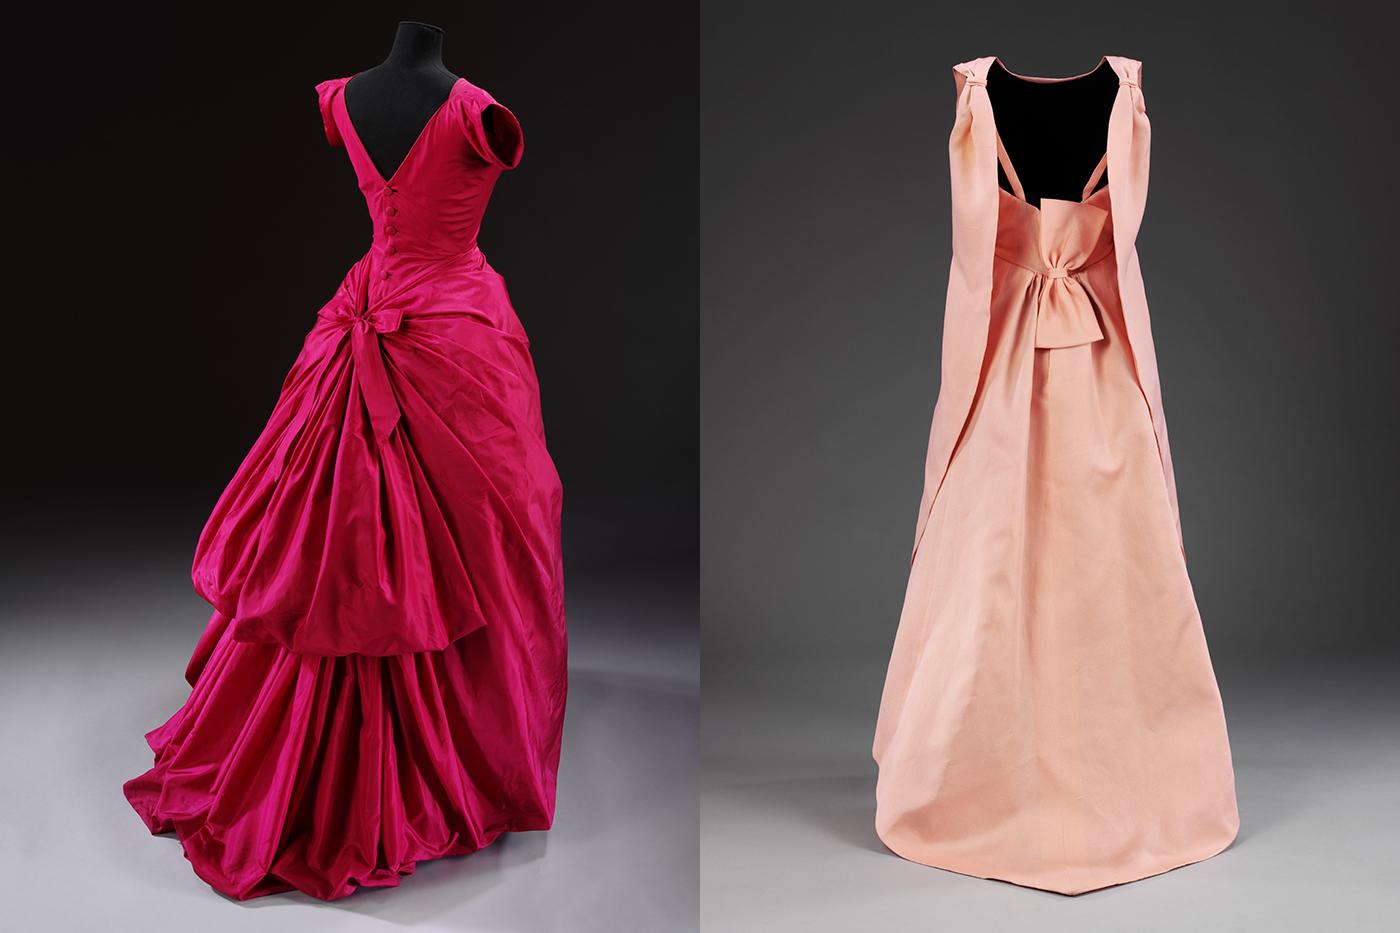 Cine a fost Balenciaga si ce impact a avut asupra rochiilor de seara?